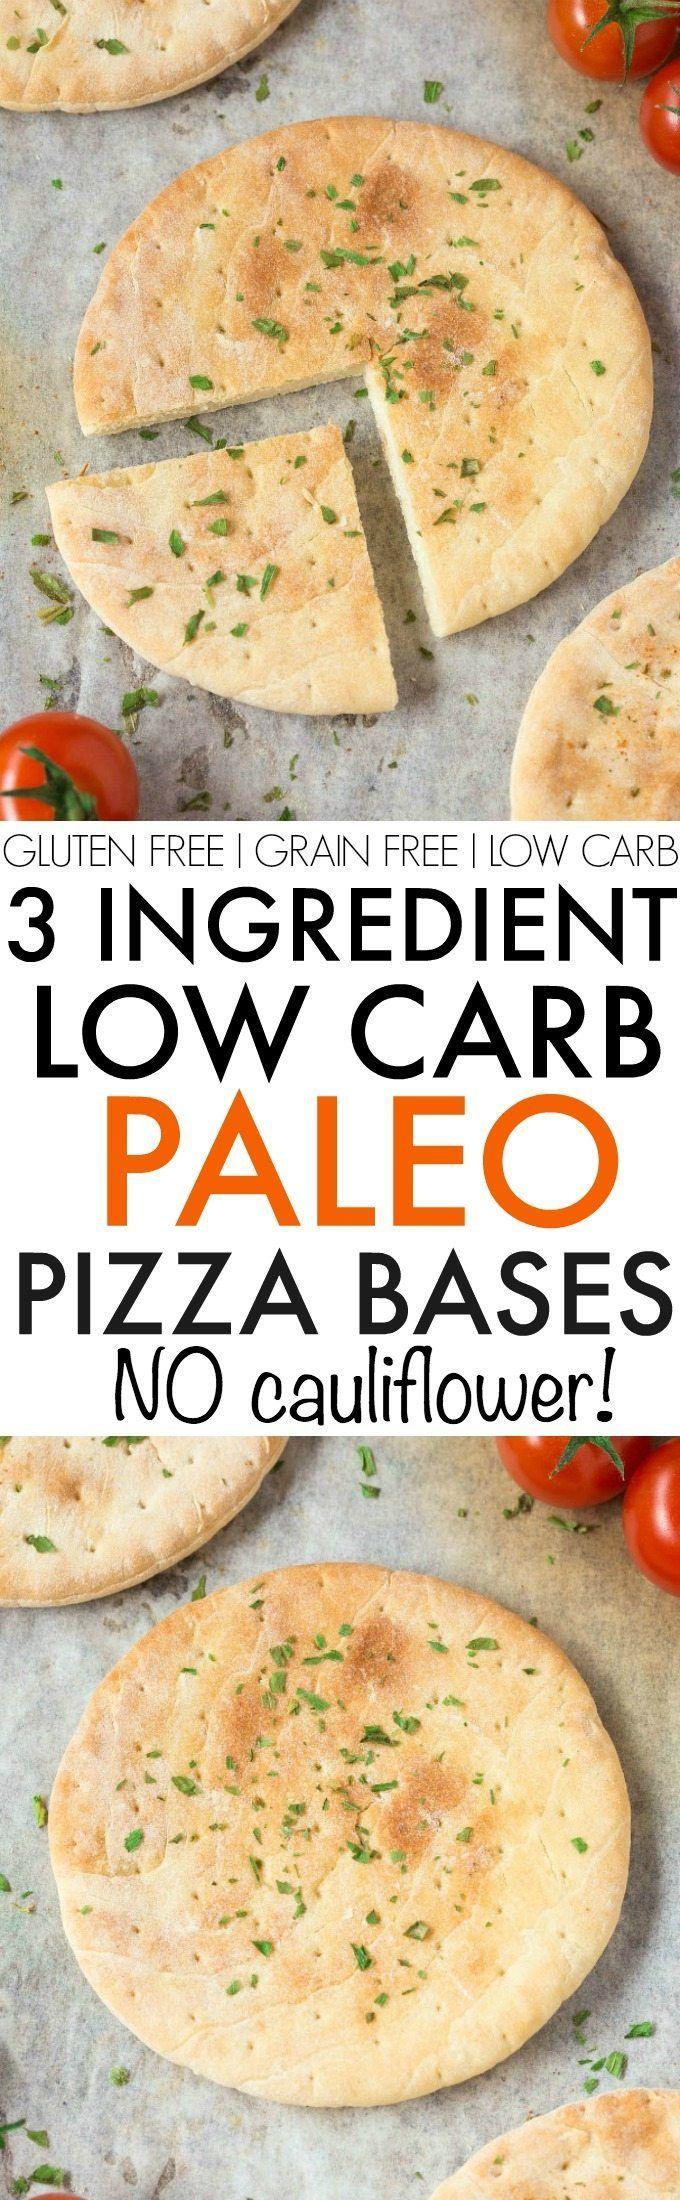 3 ingrediente base de la pizza y Paleo Crusts- rápida, fácil baja en carbohidratos y baja en calorías, NO y NO Coliflor horno solicitado- Se hacen estufa y el congelador de usar!  {Libre de granos, paleo, sin gluten} - thebigmansworld.com